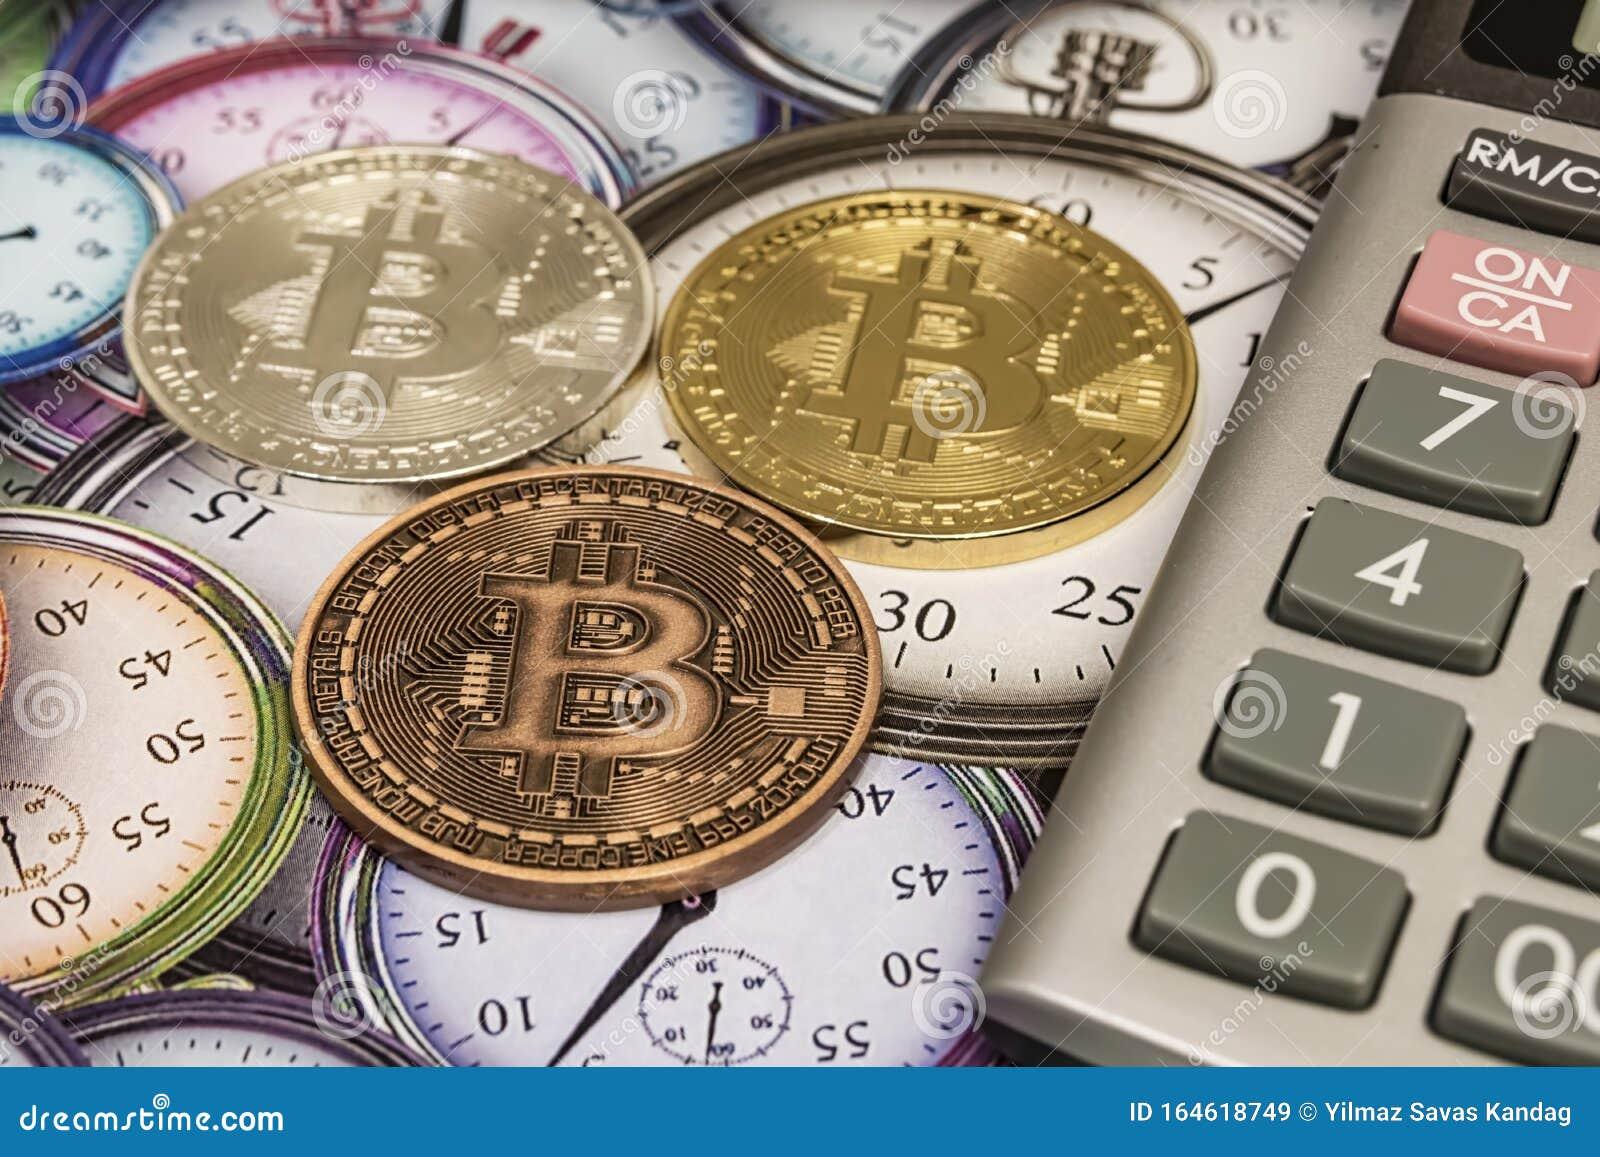 Come convertire Bitcoin in euro